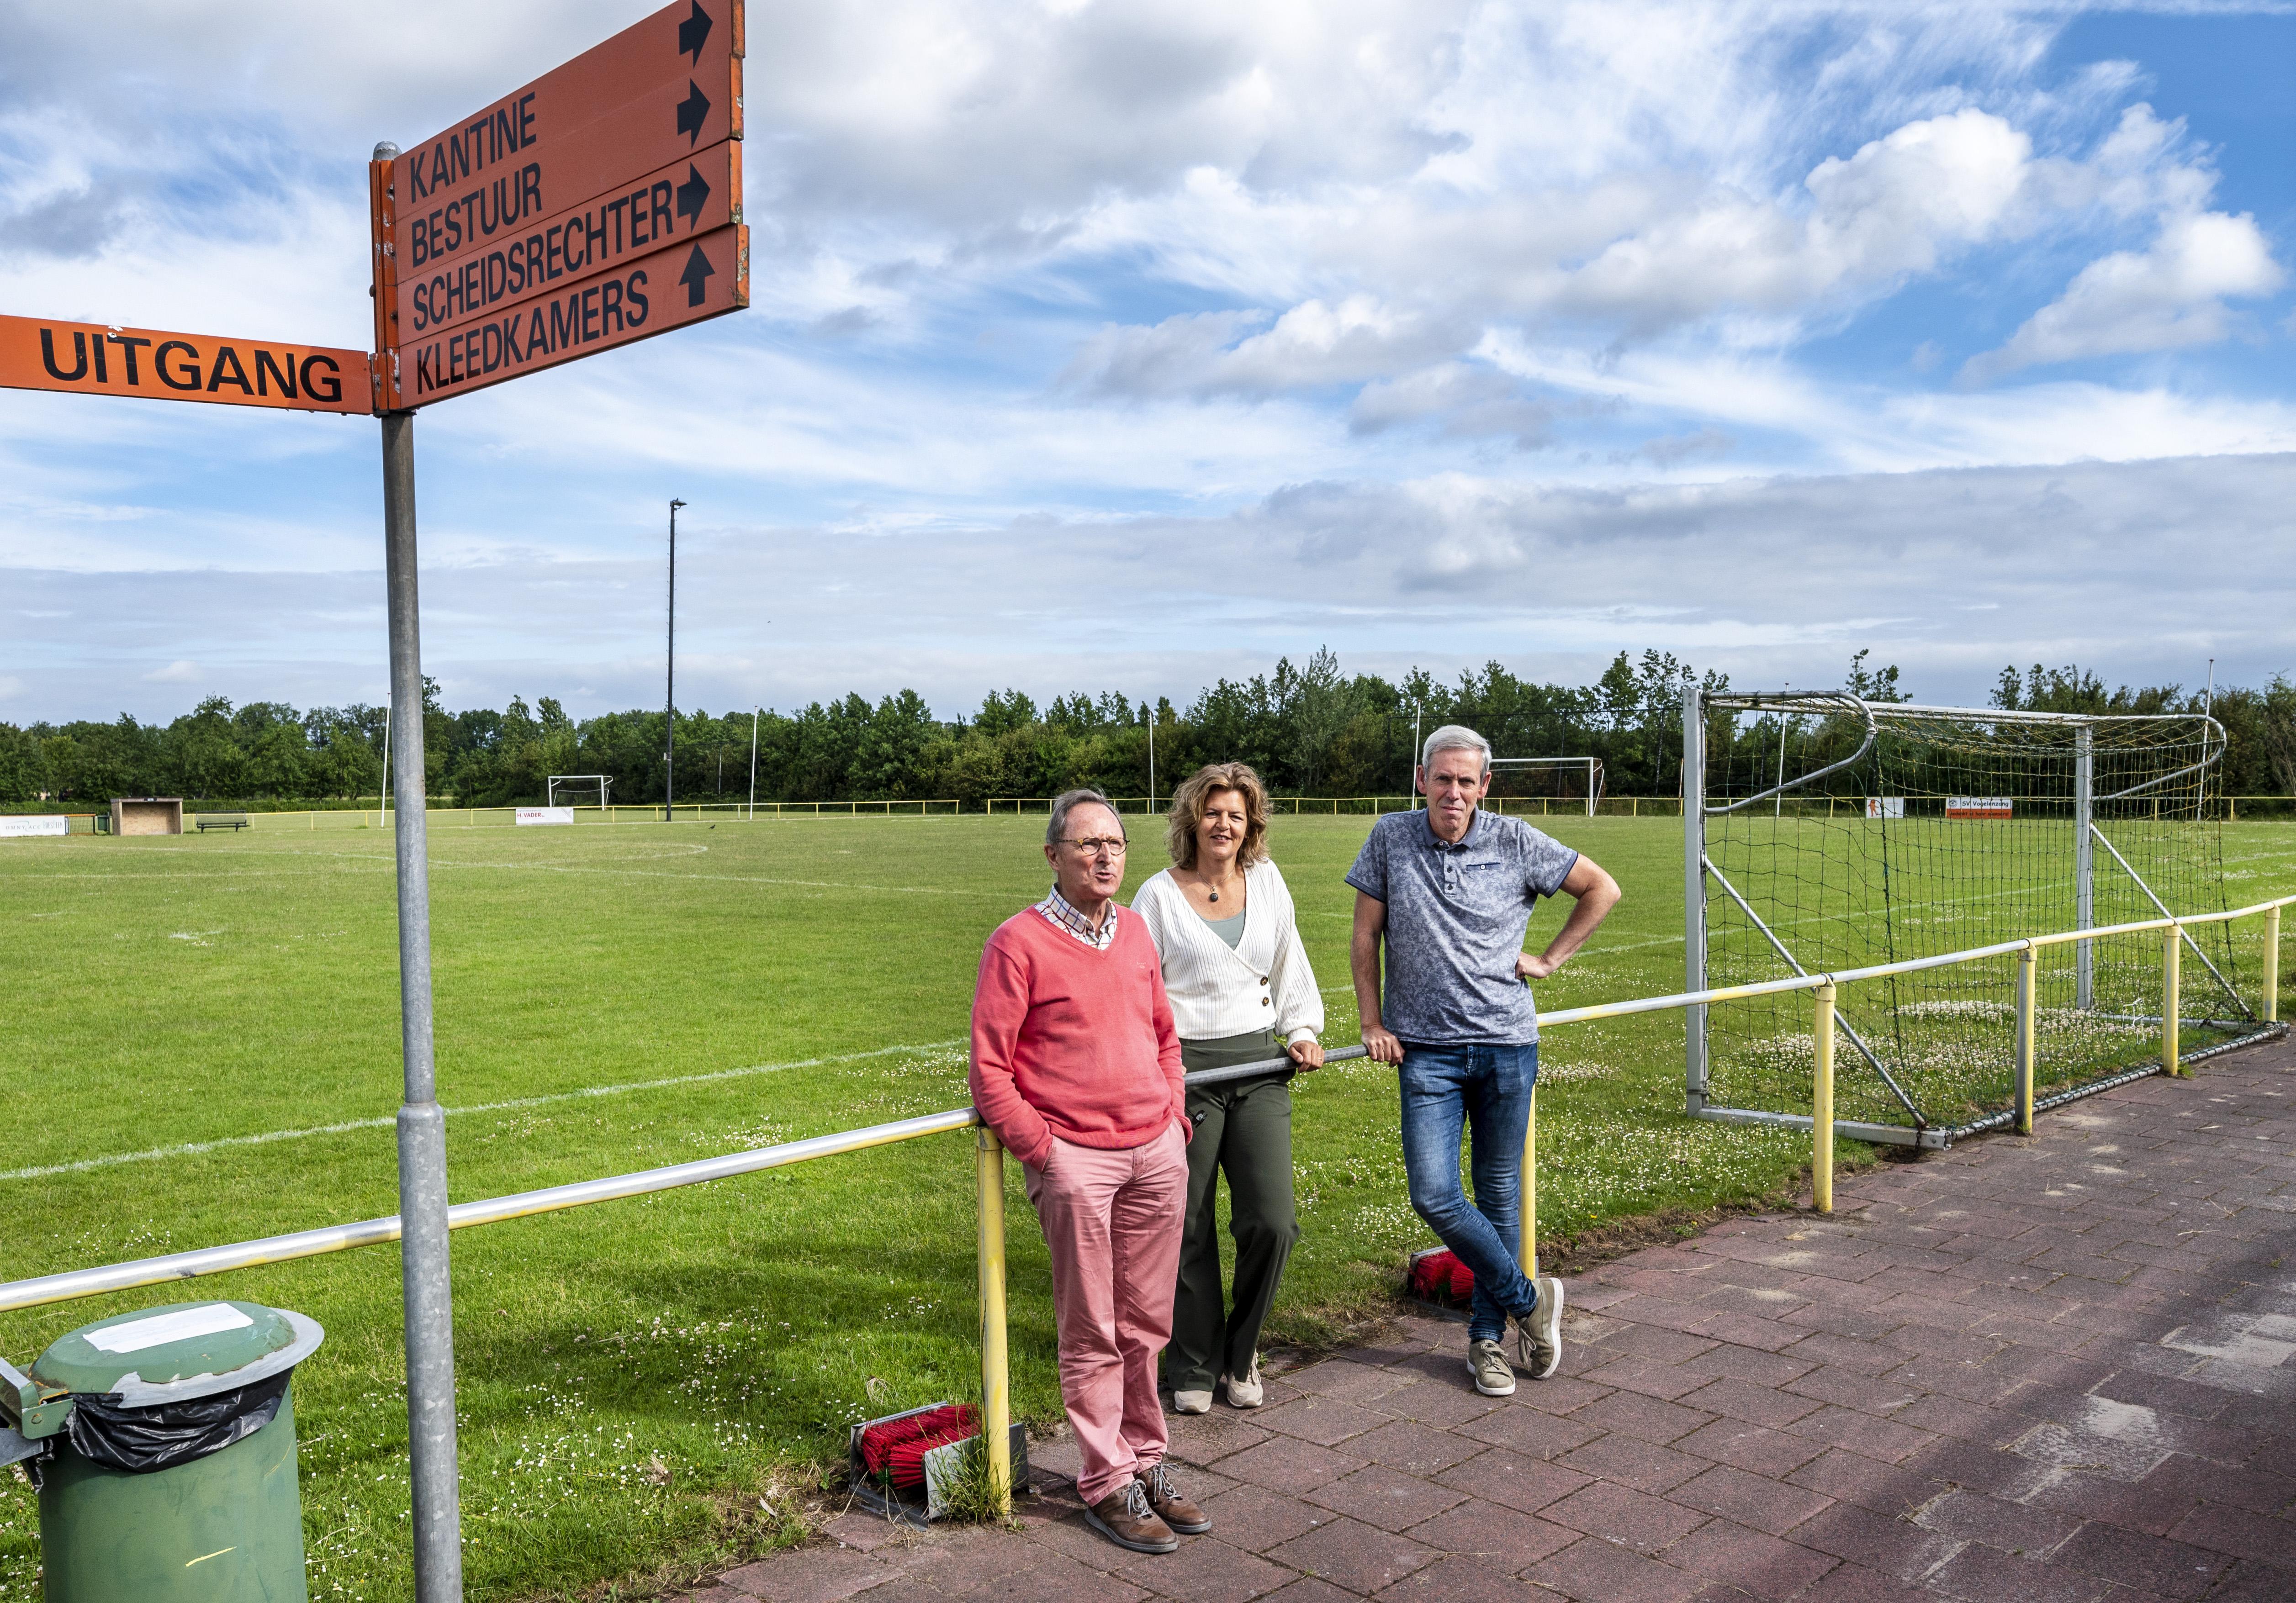 Vergrijzend Vogelenzang krijgt impuls door nieuwe wijk. 'Jonge Vogelenzangers wijken nu uit naar Hillegom of Hoofddorp voor een huis'